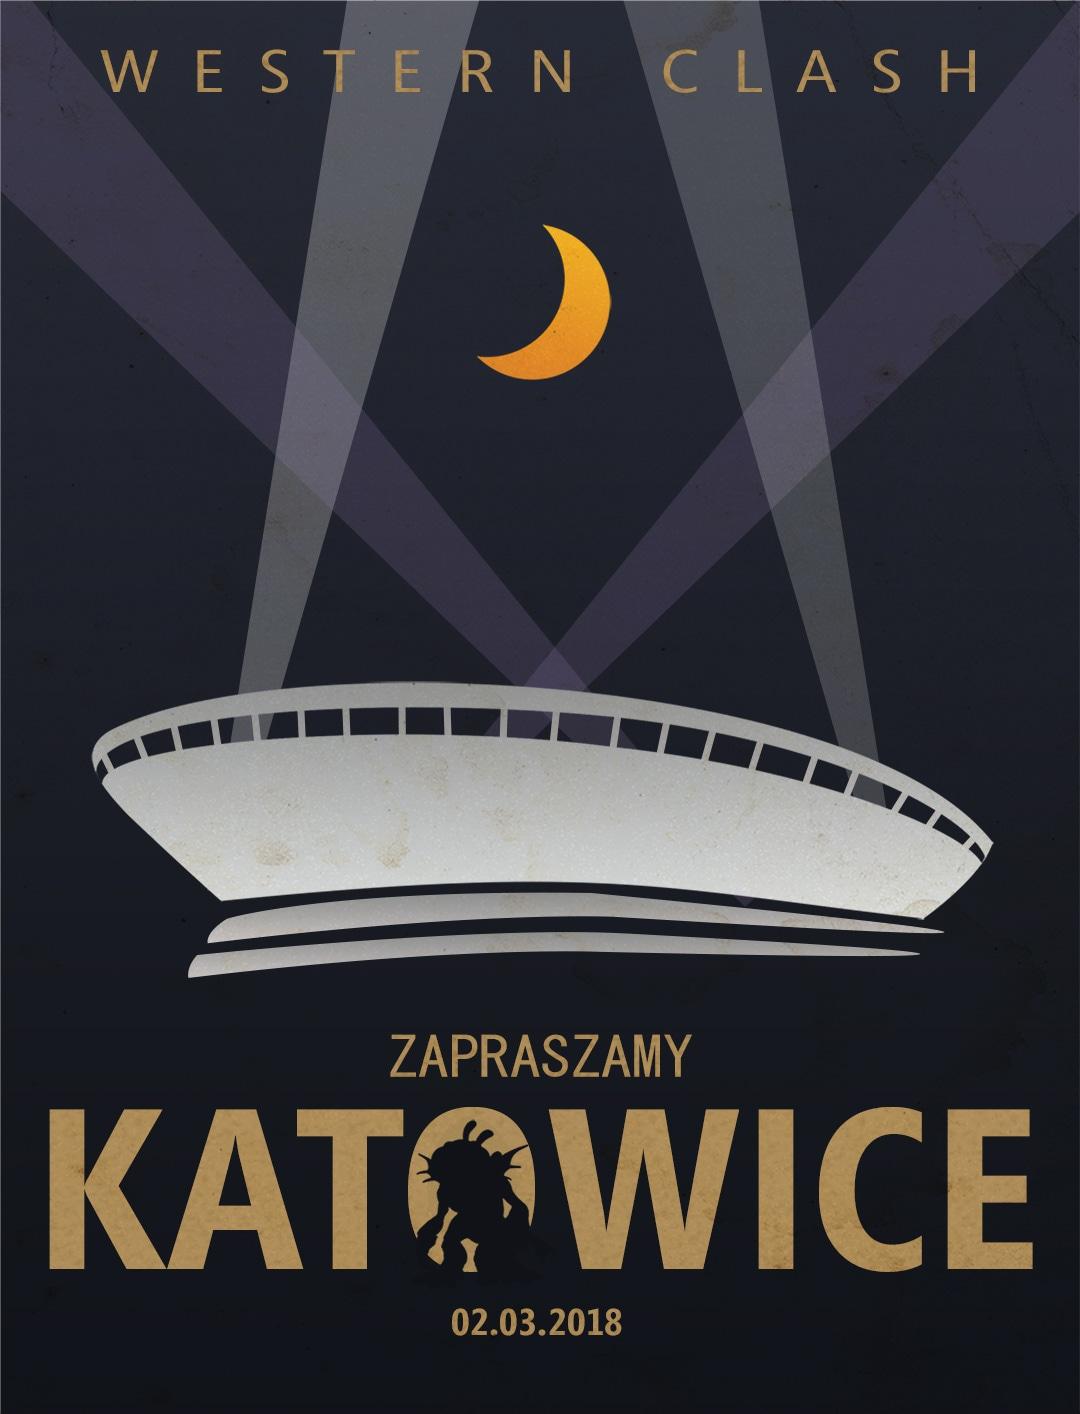 Heroes_Katowice_Inline.jpg